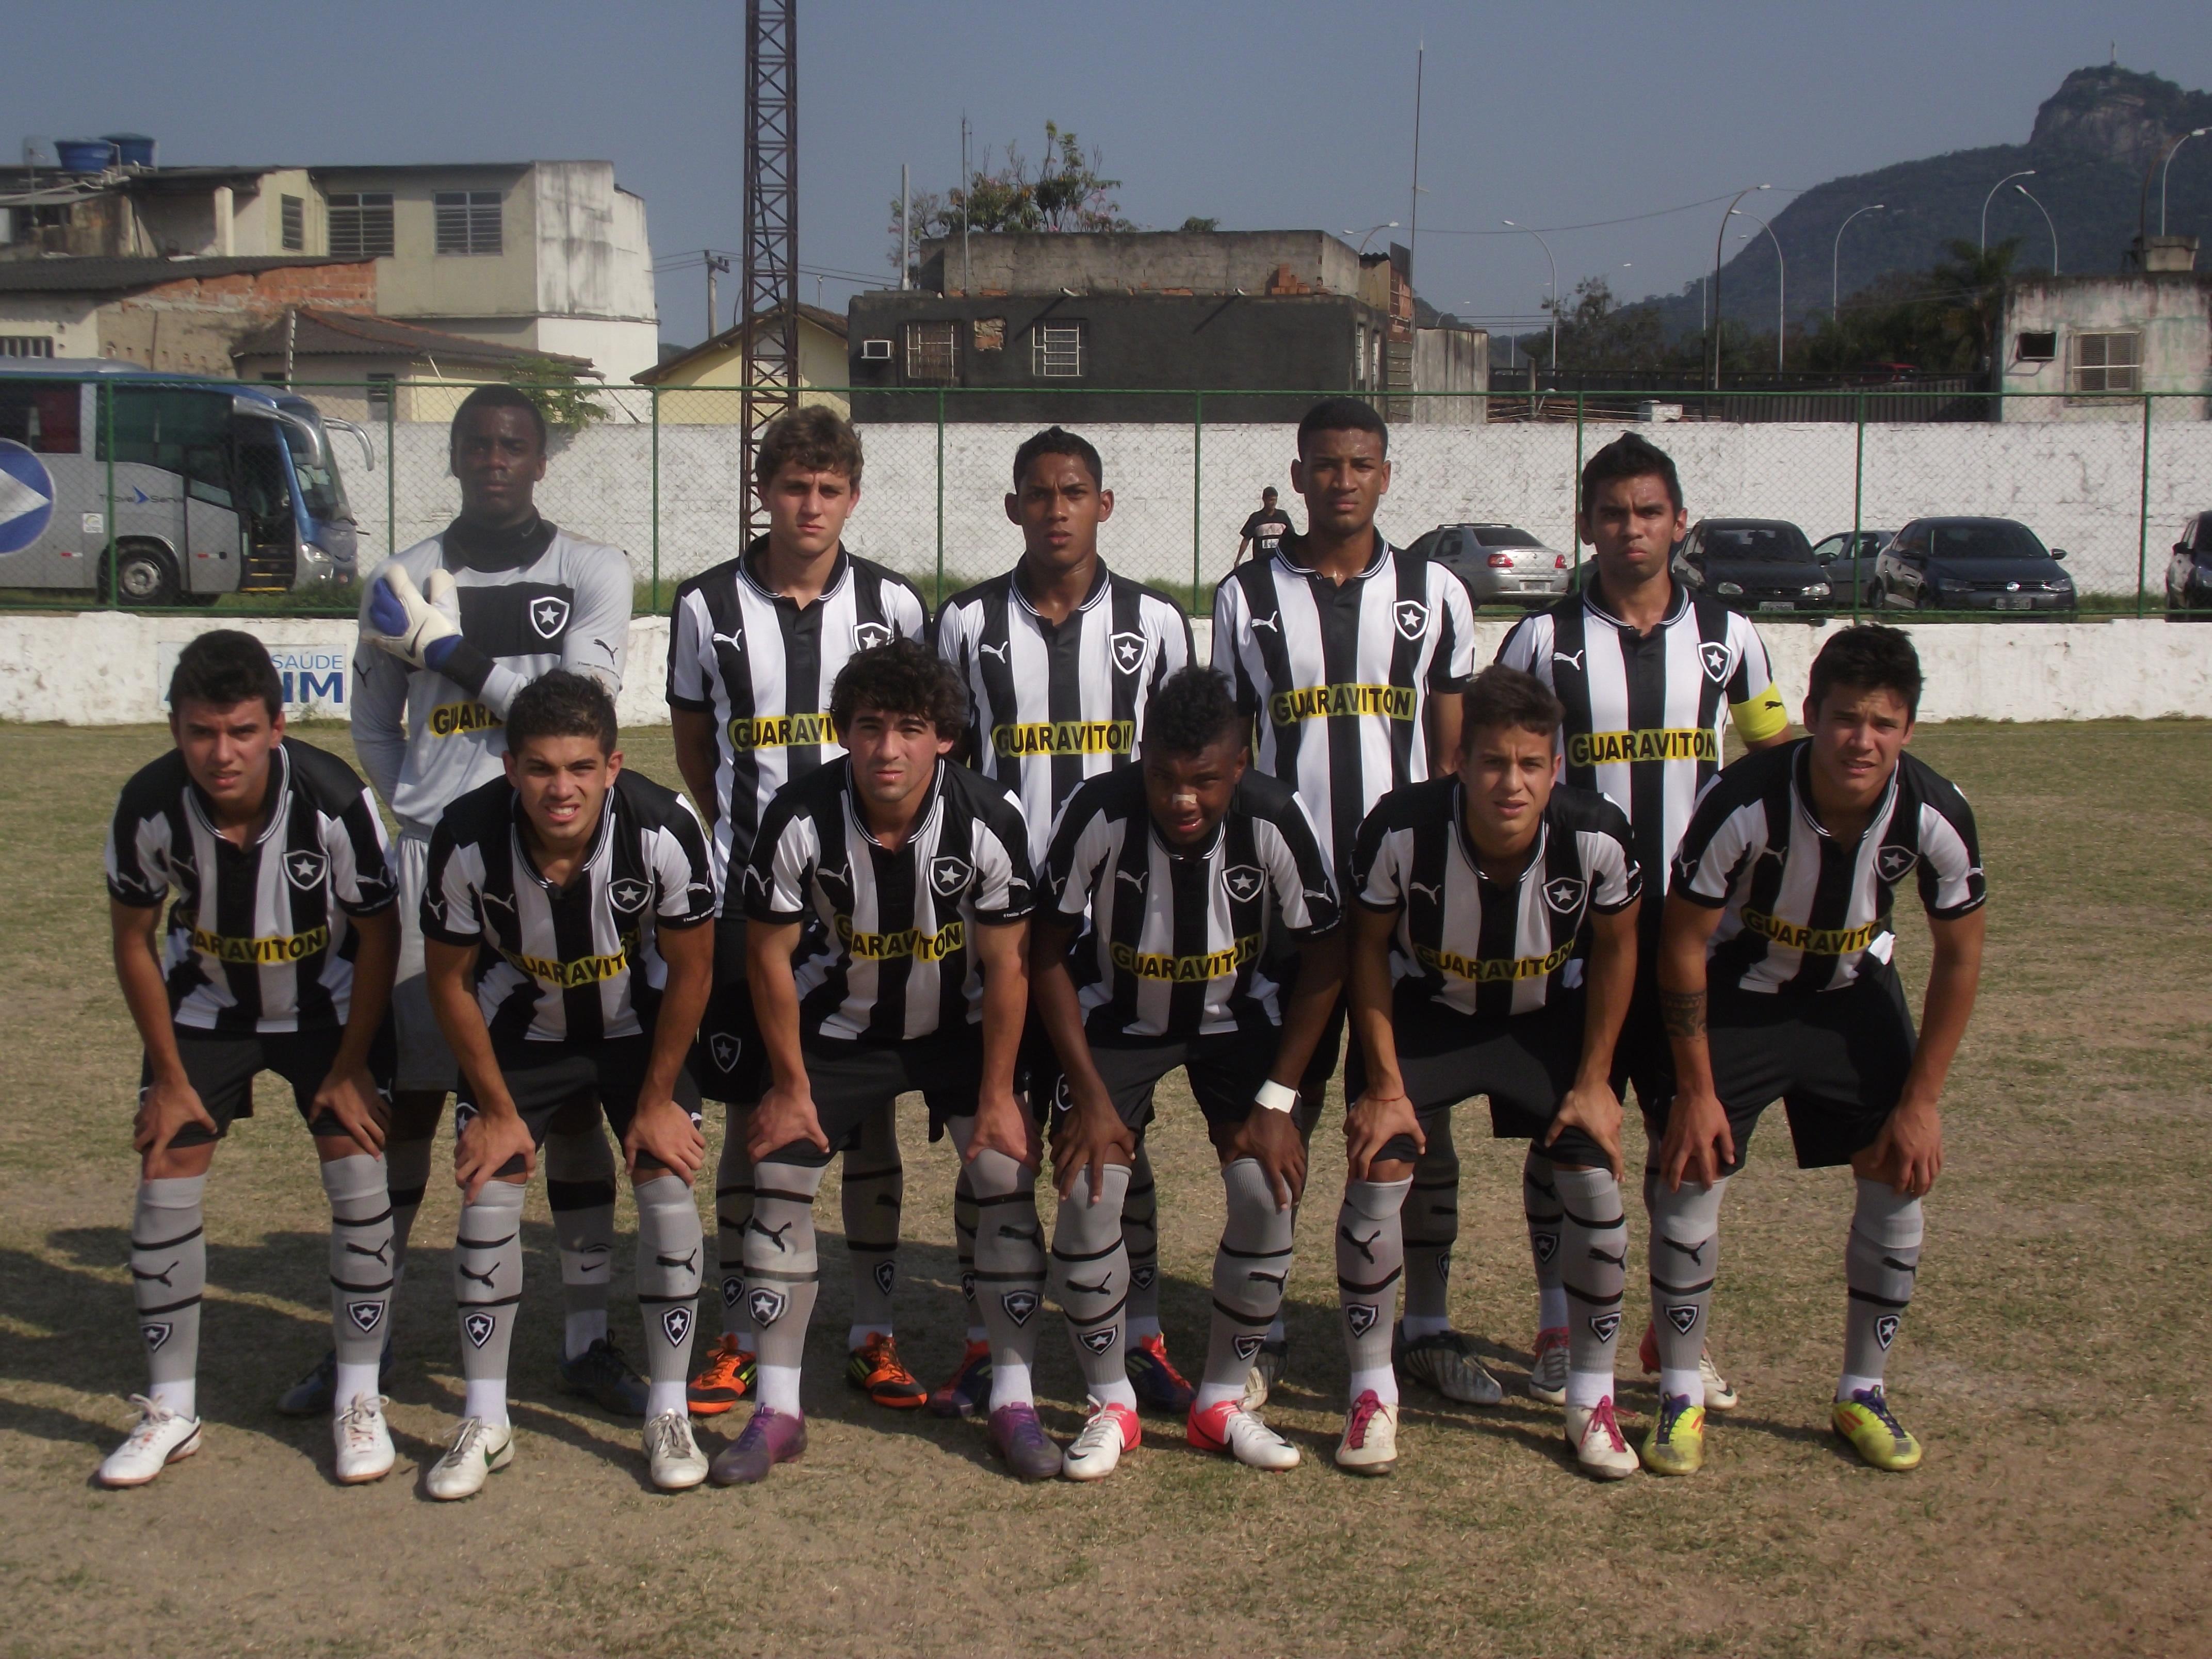 File Juniores do Botafogo 2012.jpg - Wikimedia Commons 782bdb325e27d